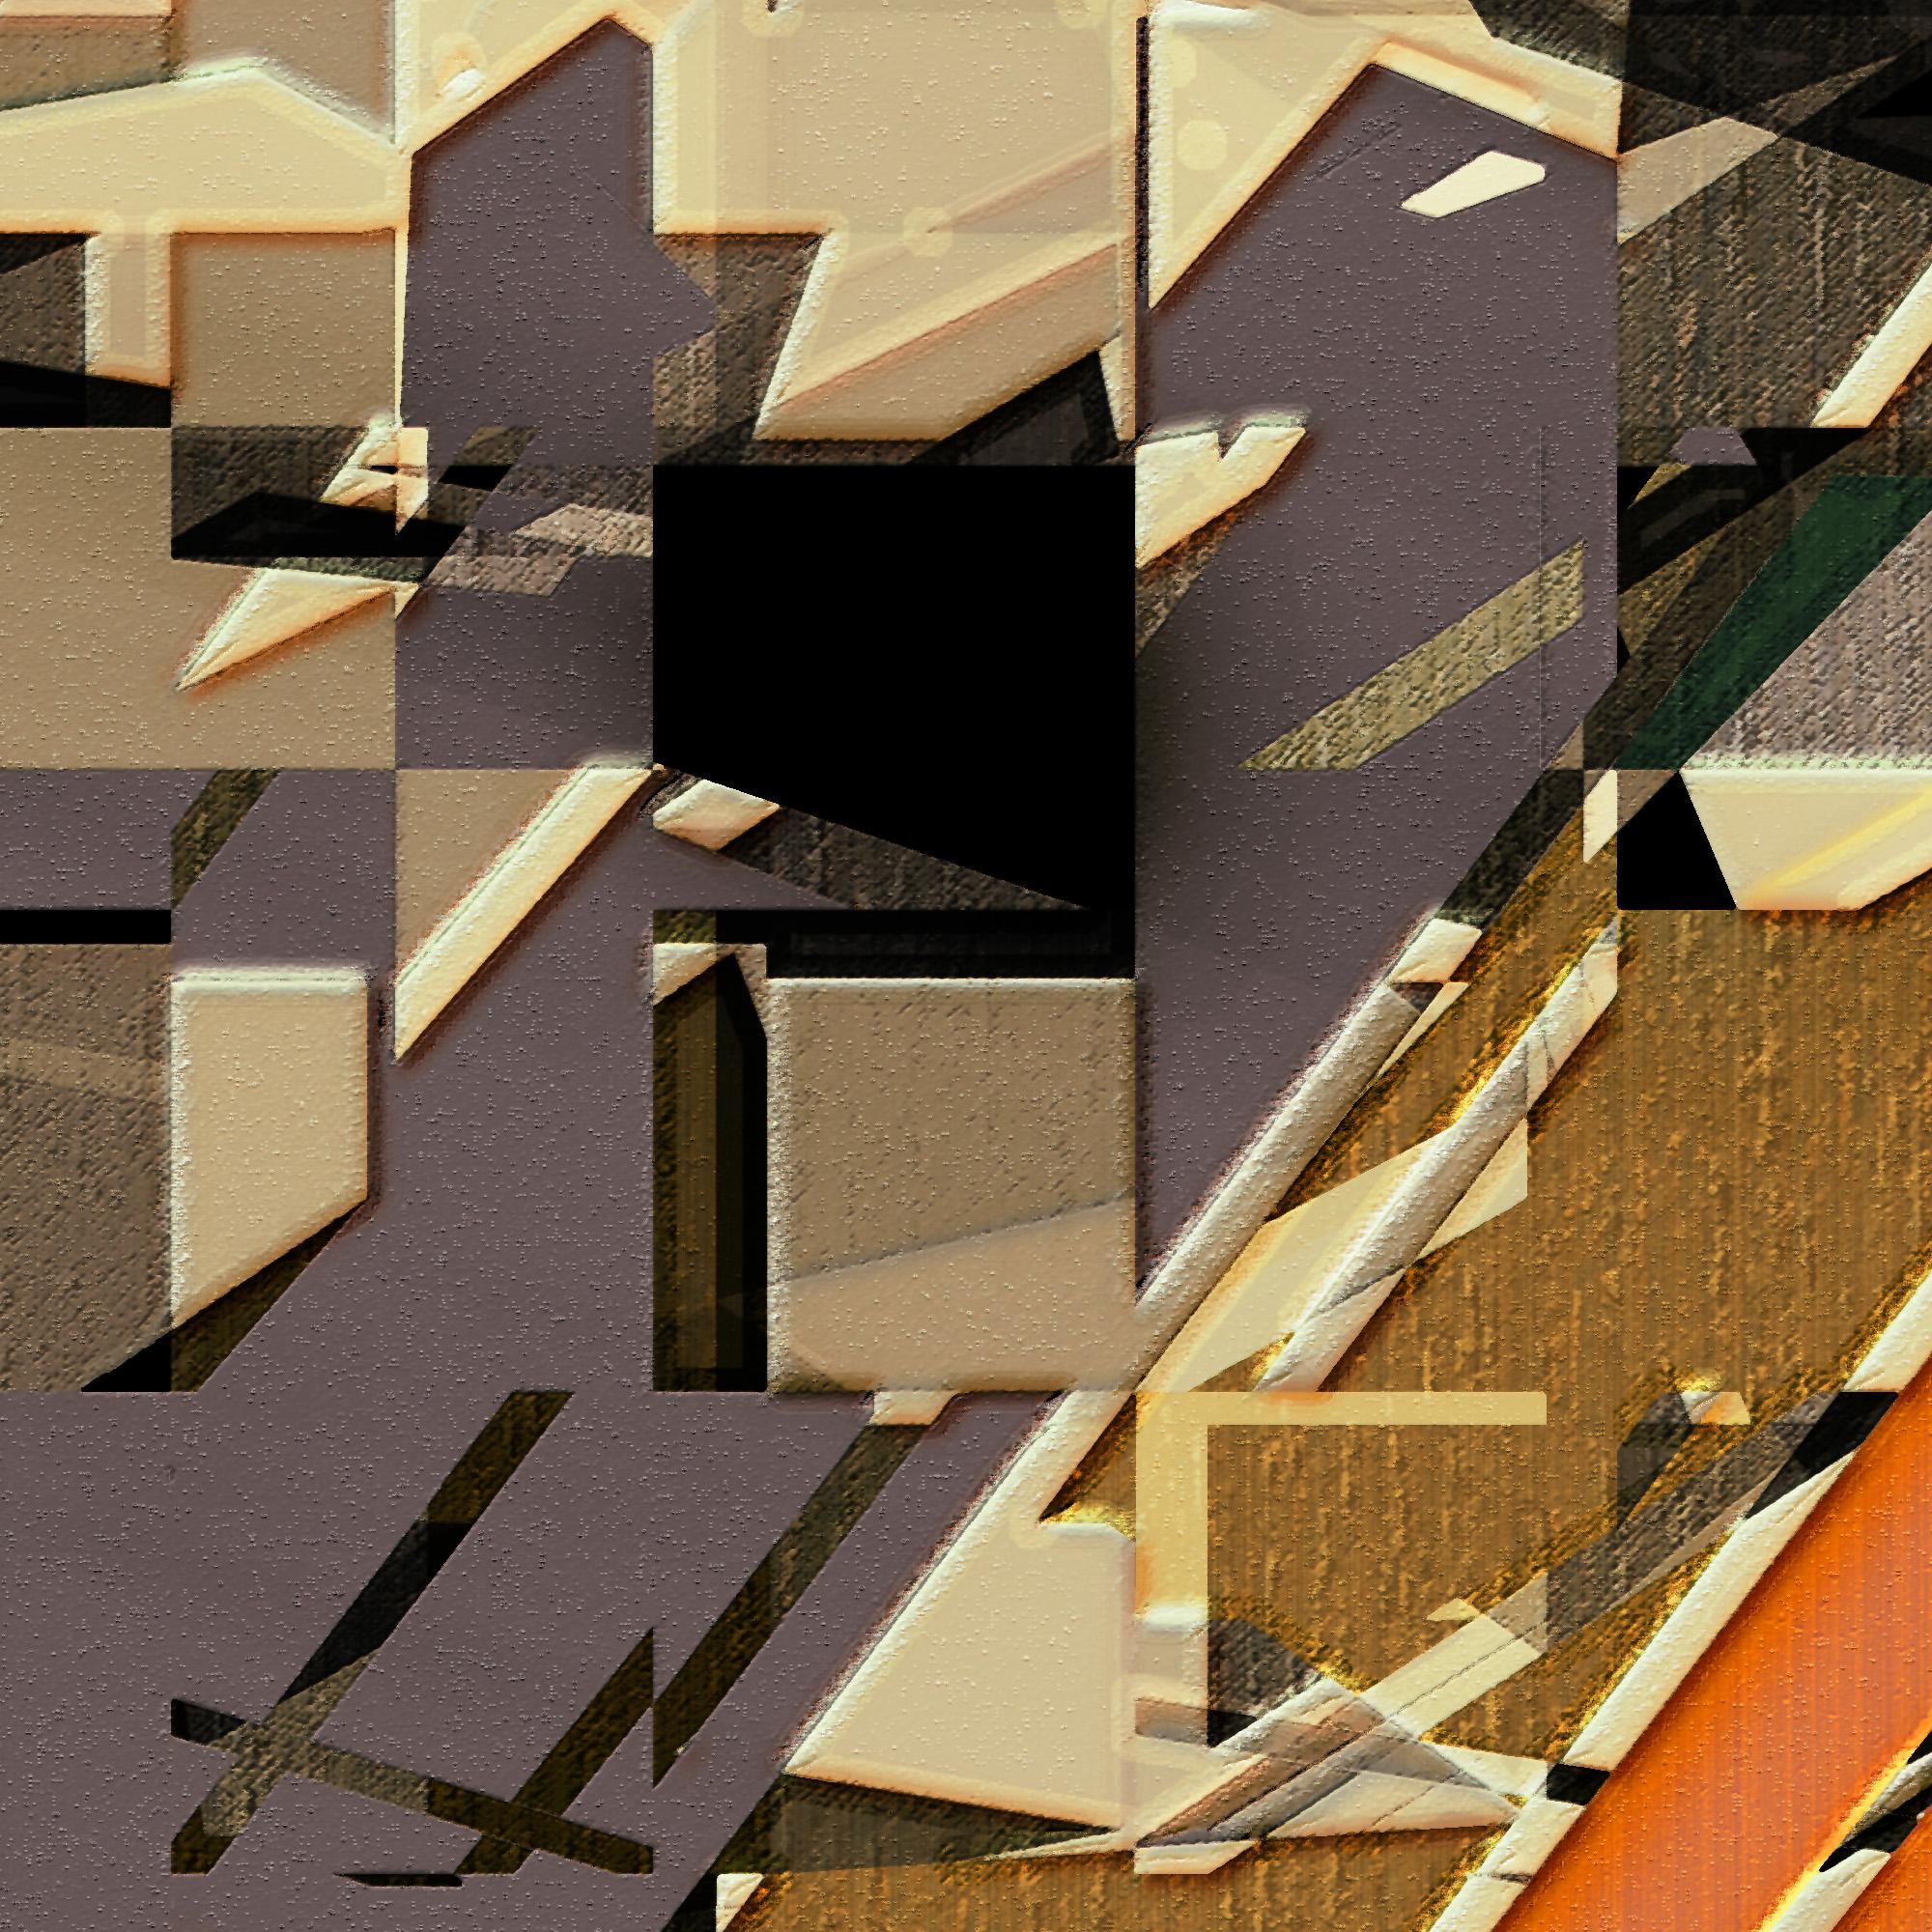 180704_Judgement_Detail1.jpg